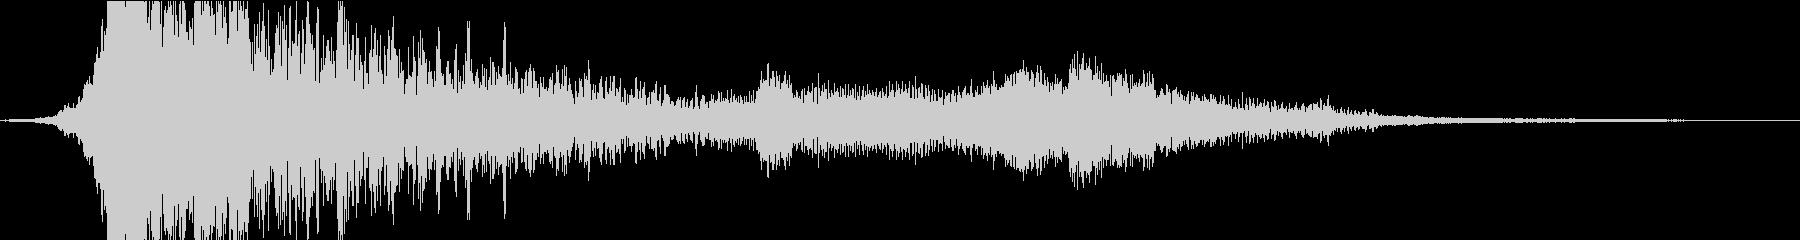 シネマティック_オープニング会社ロゴ予告の未再生の波形